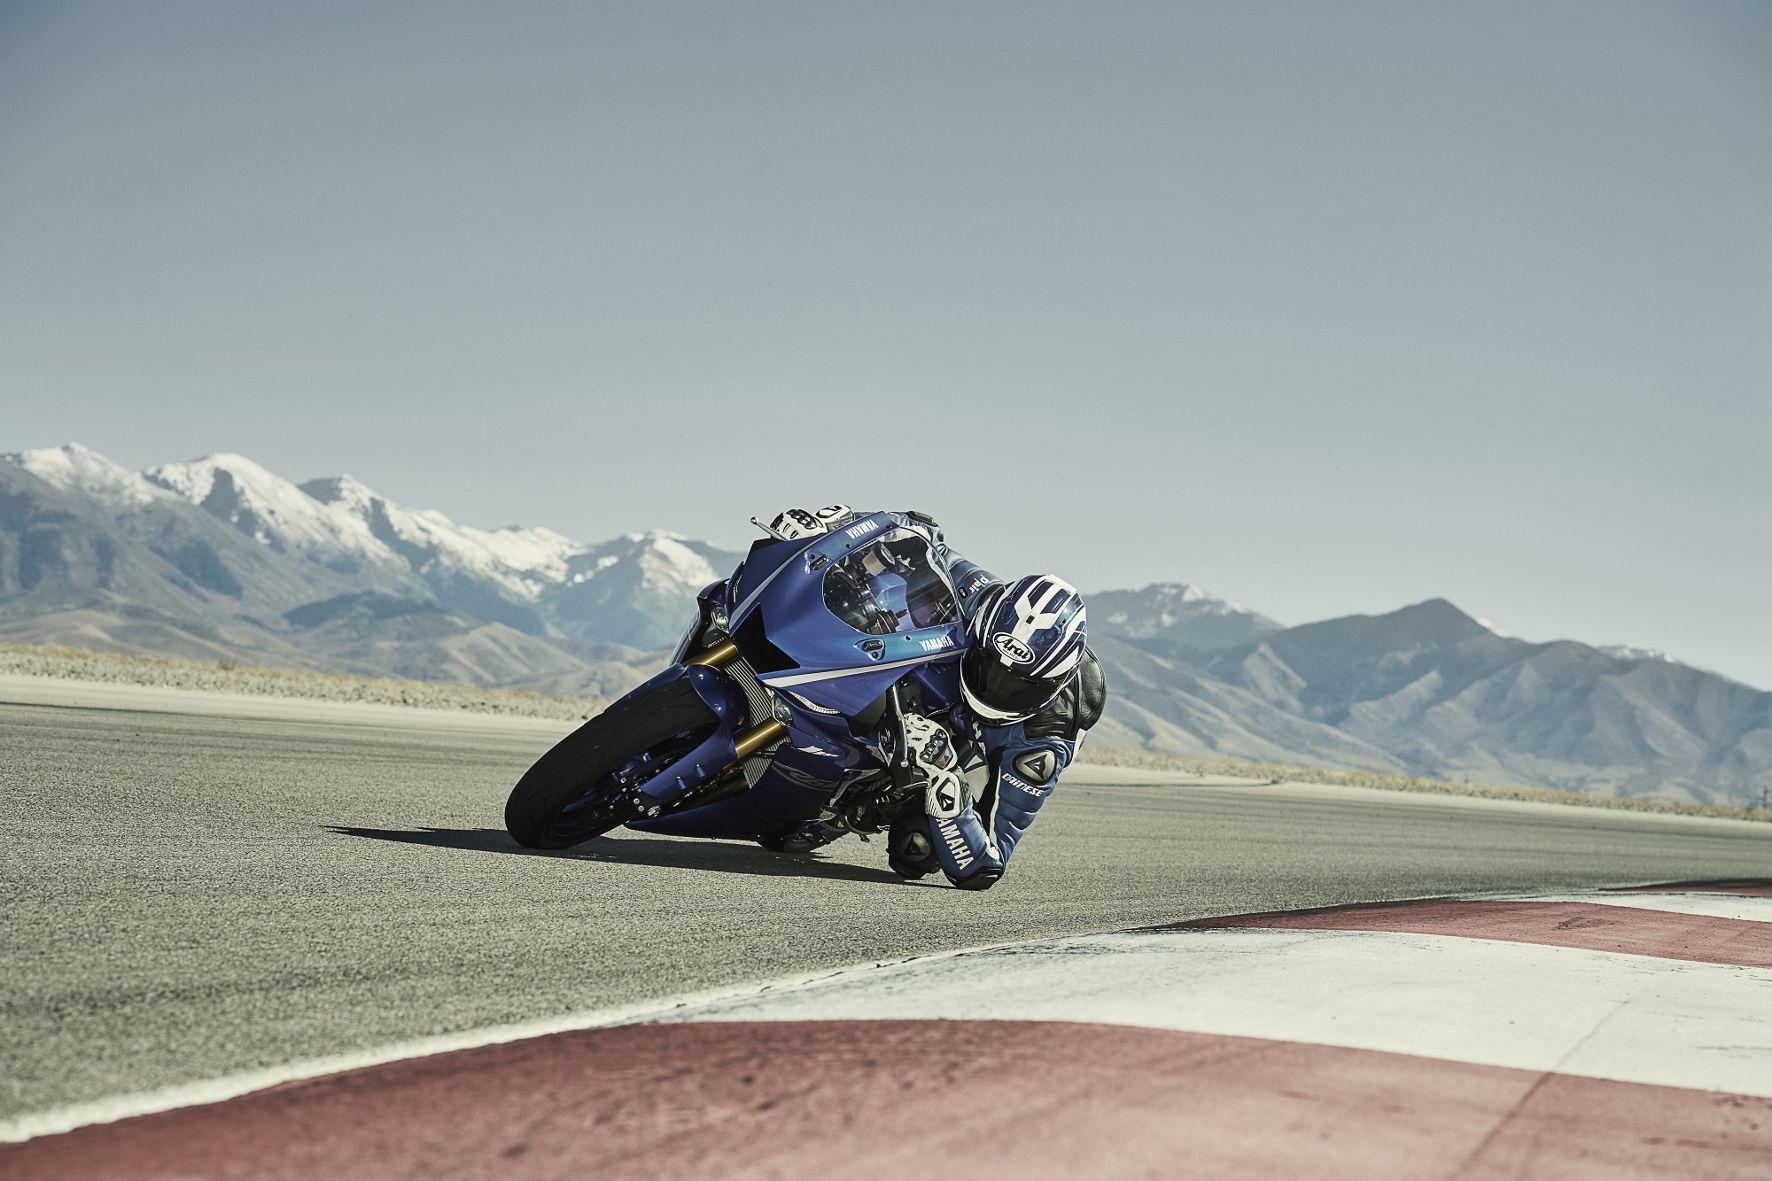 mid Groß-Gerau - Dank diverser Zubehörteile kann die neue 600er Yamaha sehr schnell fit für die Rennstrecken gemacht werden.